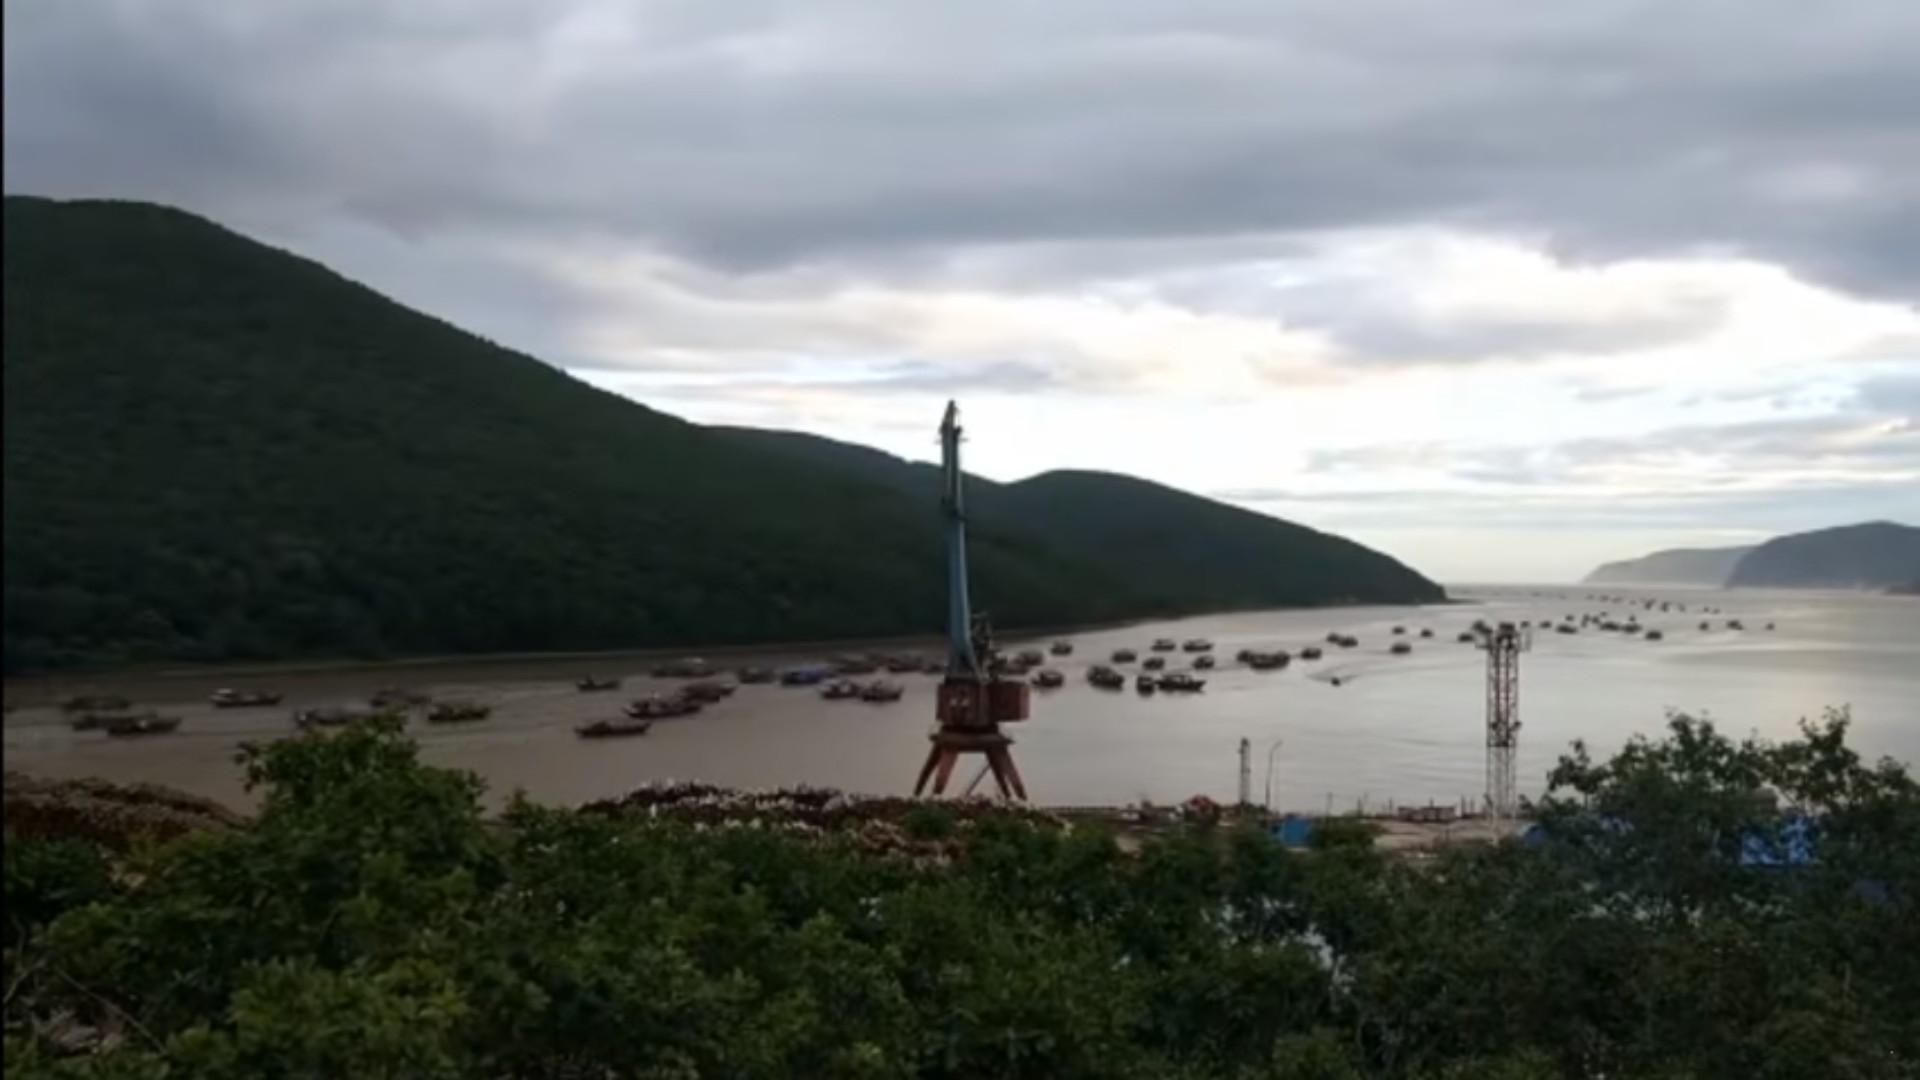 Куда ушли корейские шхуны от берегов Приморья, объяснили эксперты